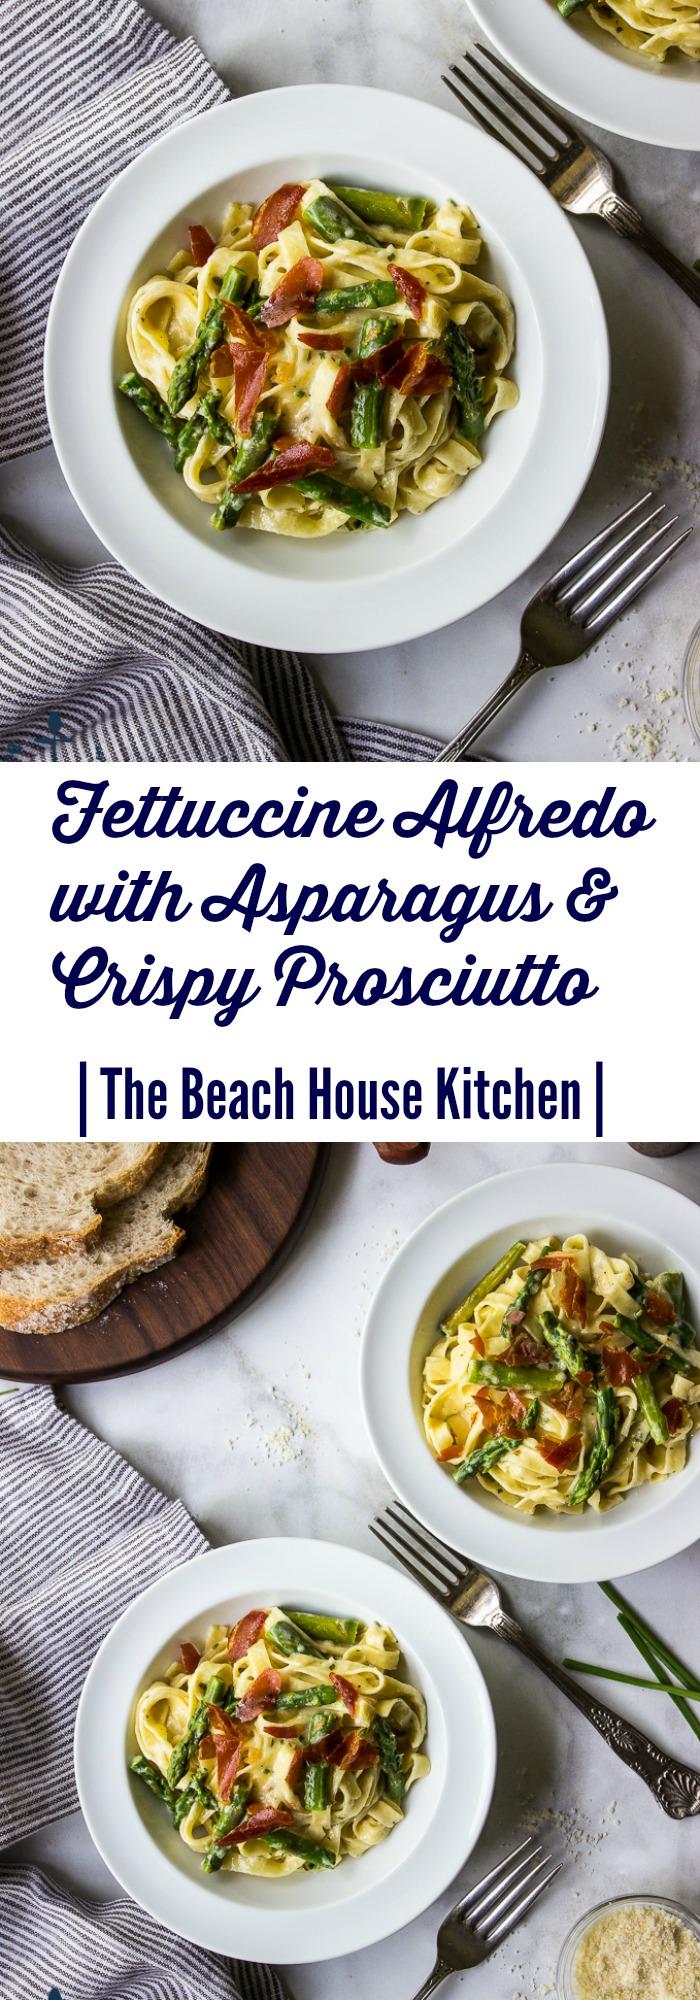 Fettucine Alfredo with Asparagus & Crispy Prosciutto